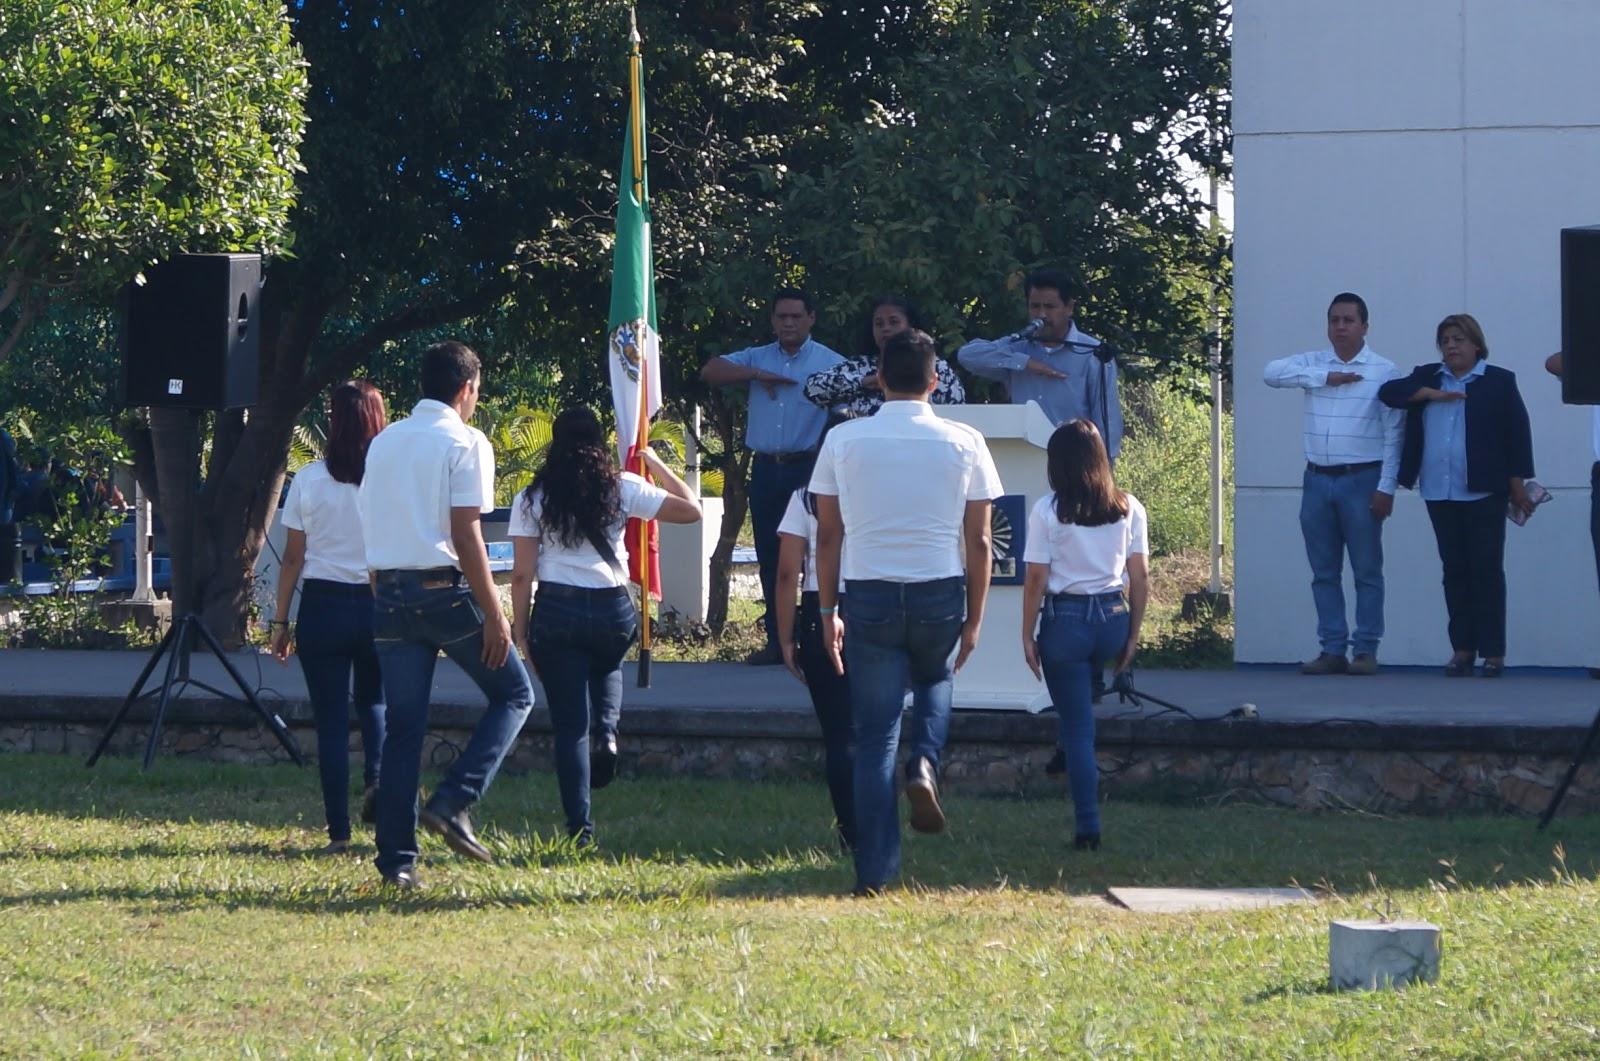 It de zacatepec honores a la bandera mes de noviembre 2017 - Mes noviembre 2017 ...